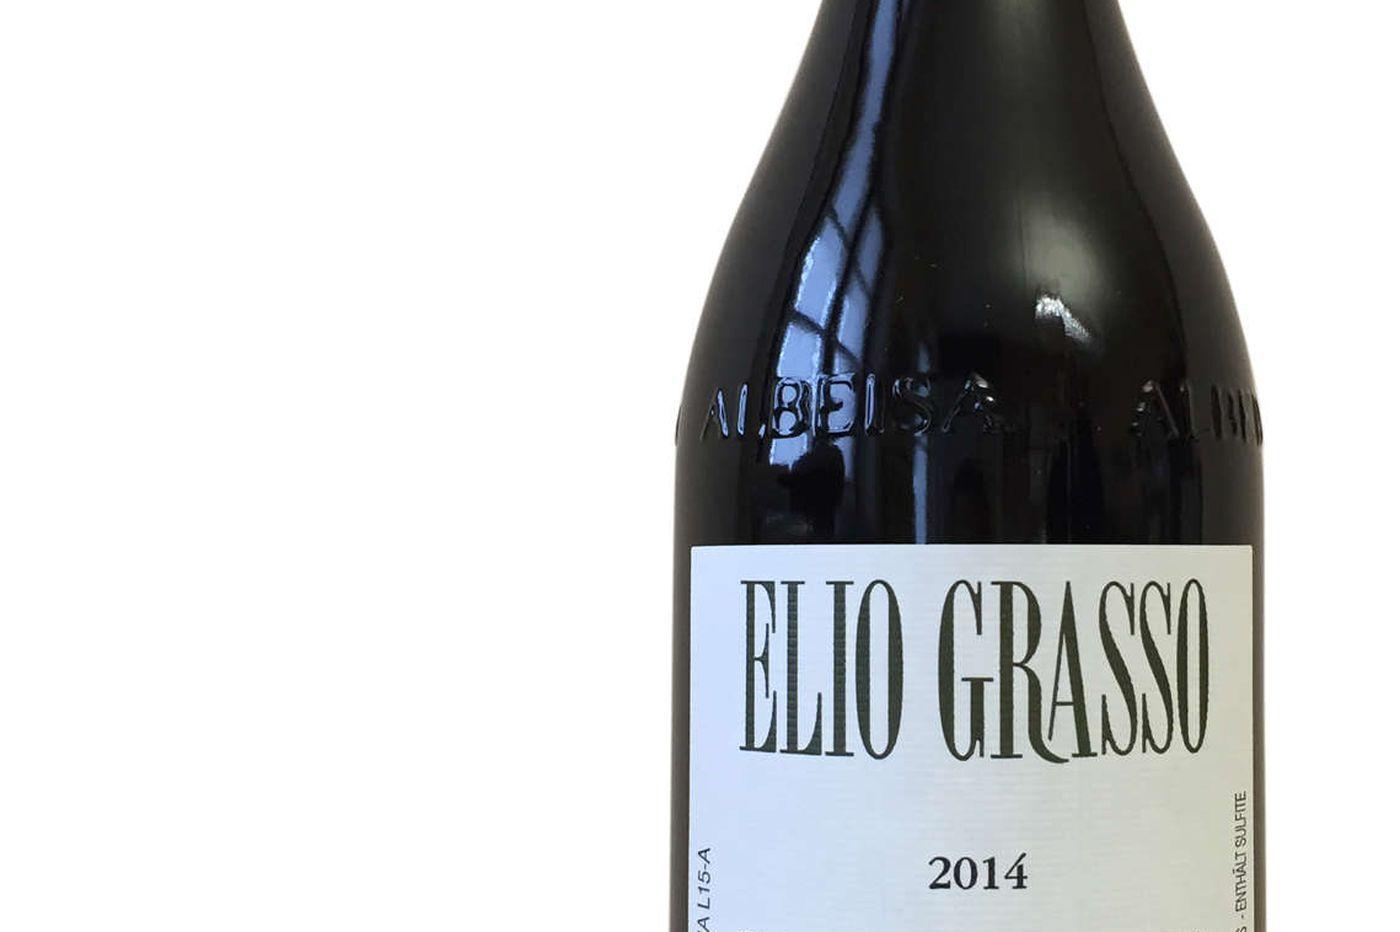 """Drink: Dolcetto d'Alba """"Dei Grassi"""" Elio Grasso 2014"""